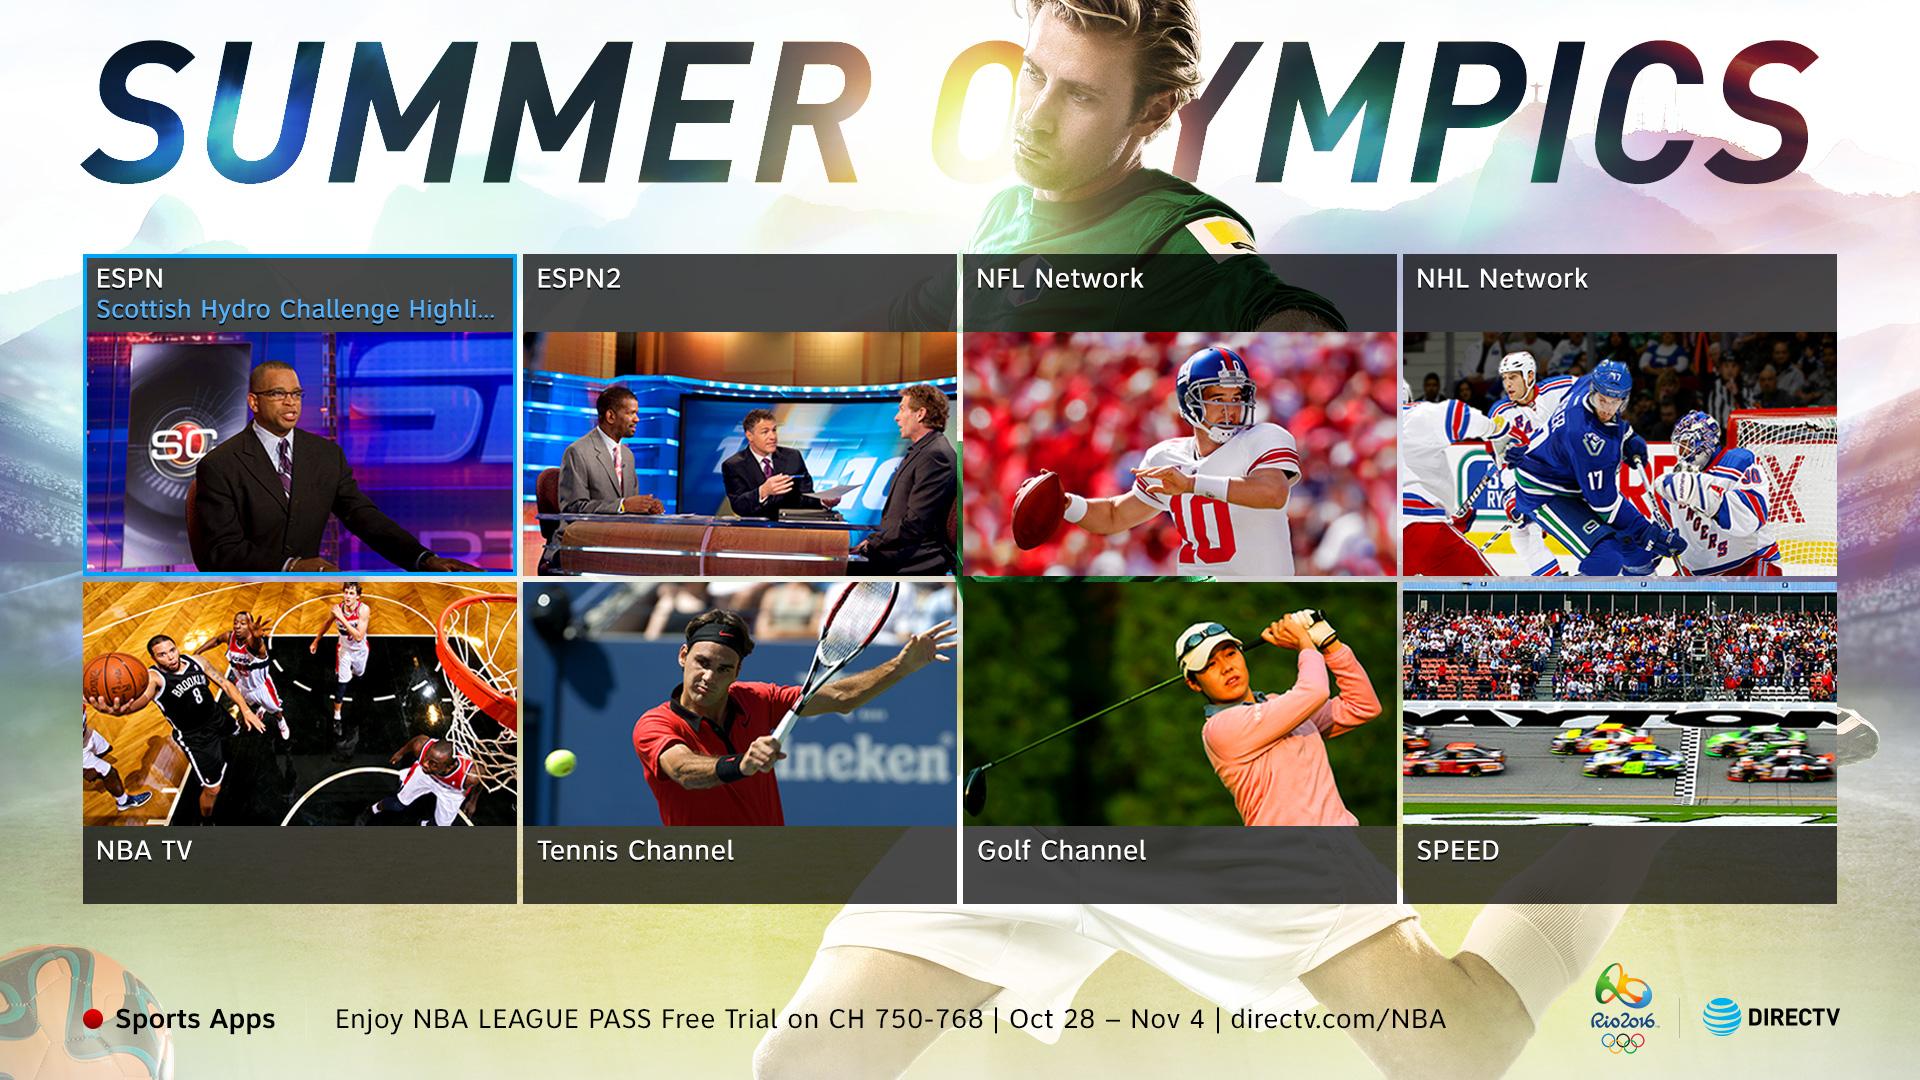 STB_Olympics_mix8cell_Sleek.jpg